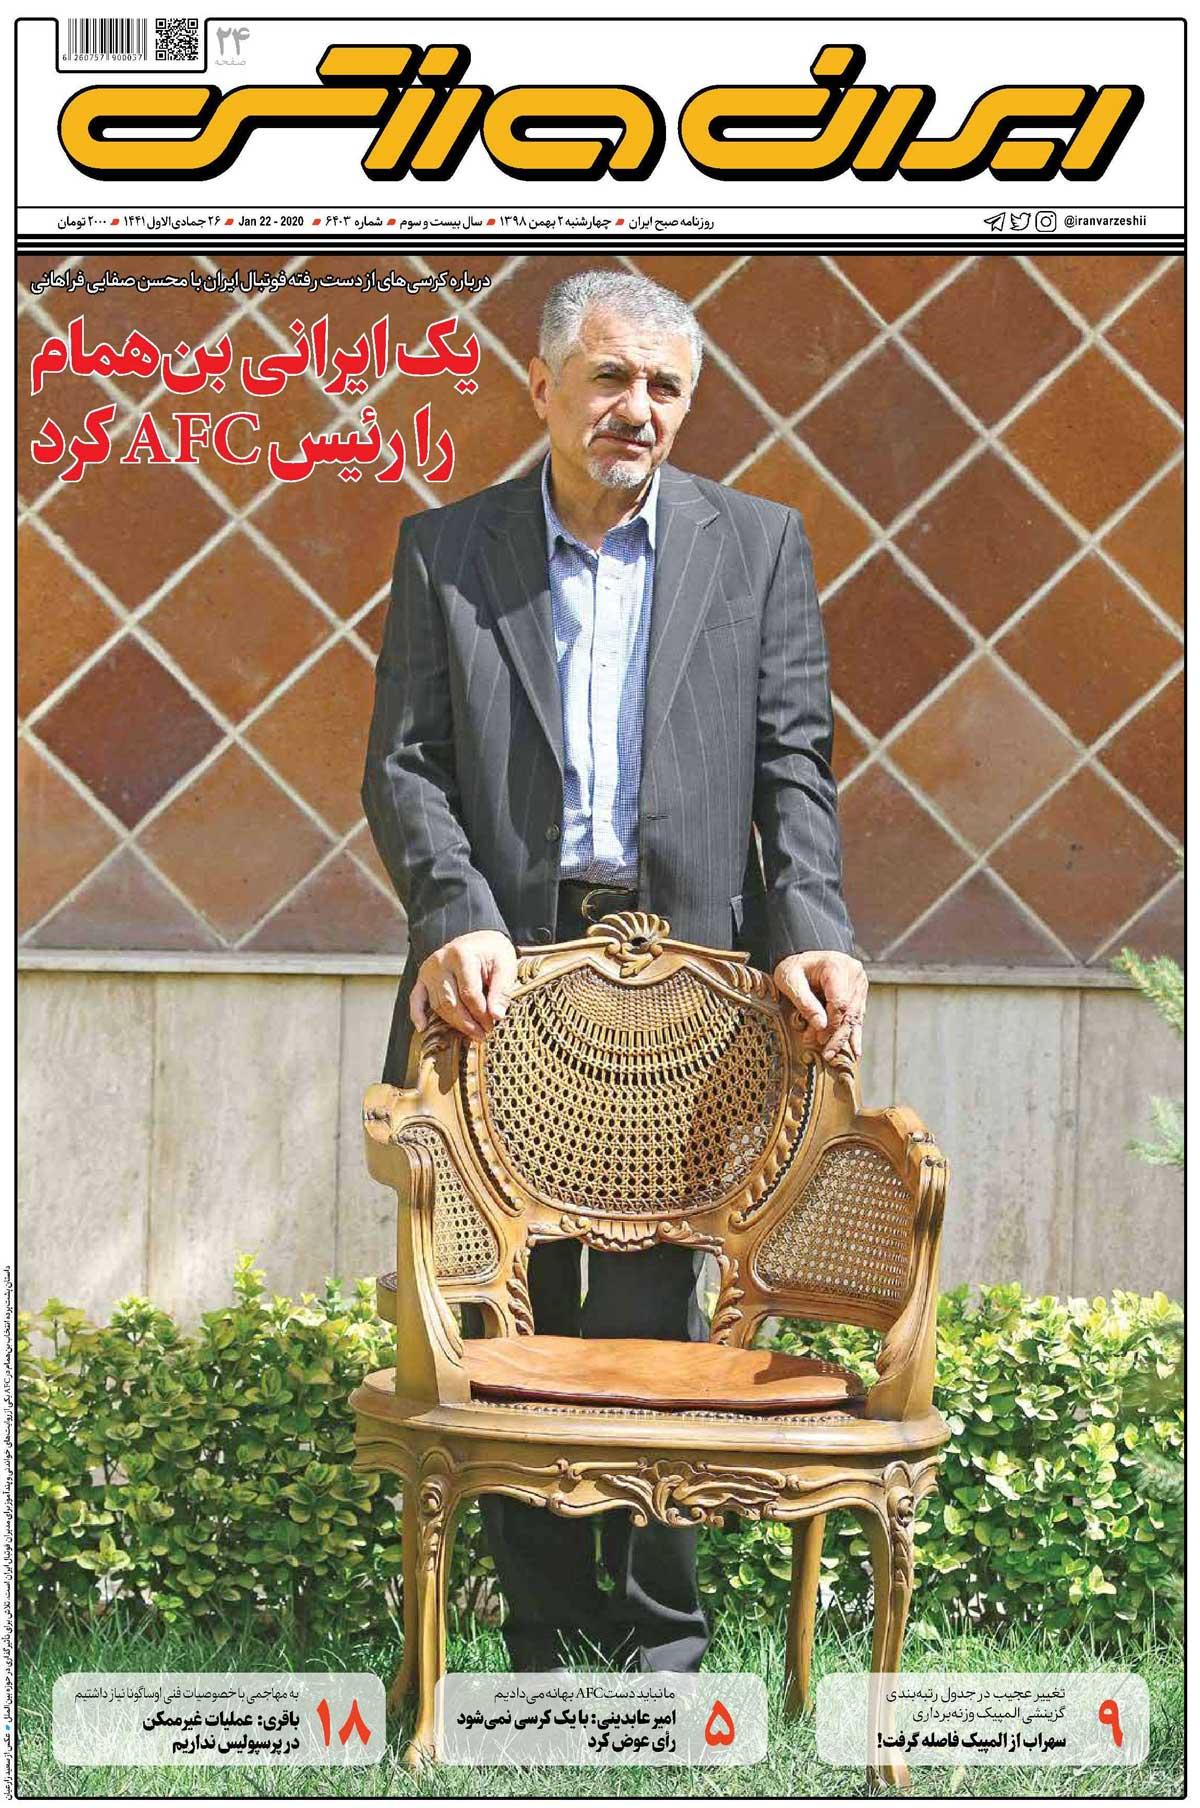 صفحه اول روزنامه ایرانورزشی چهارشنبه ۲ بهمن ۹۸